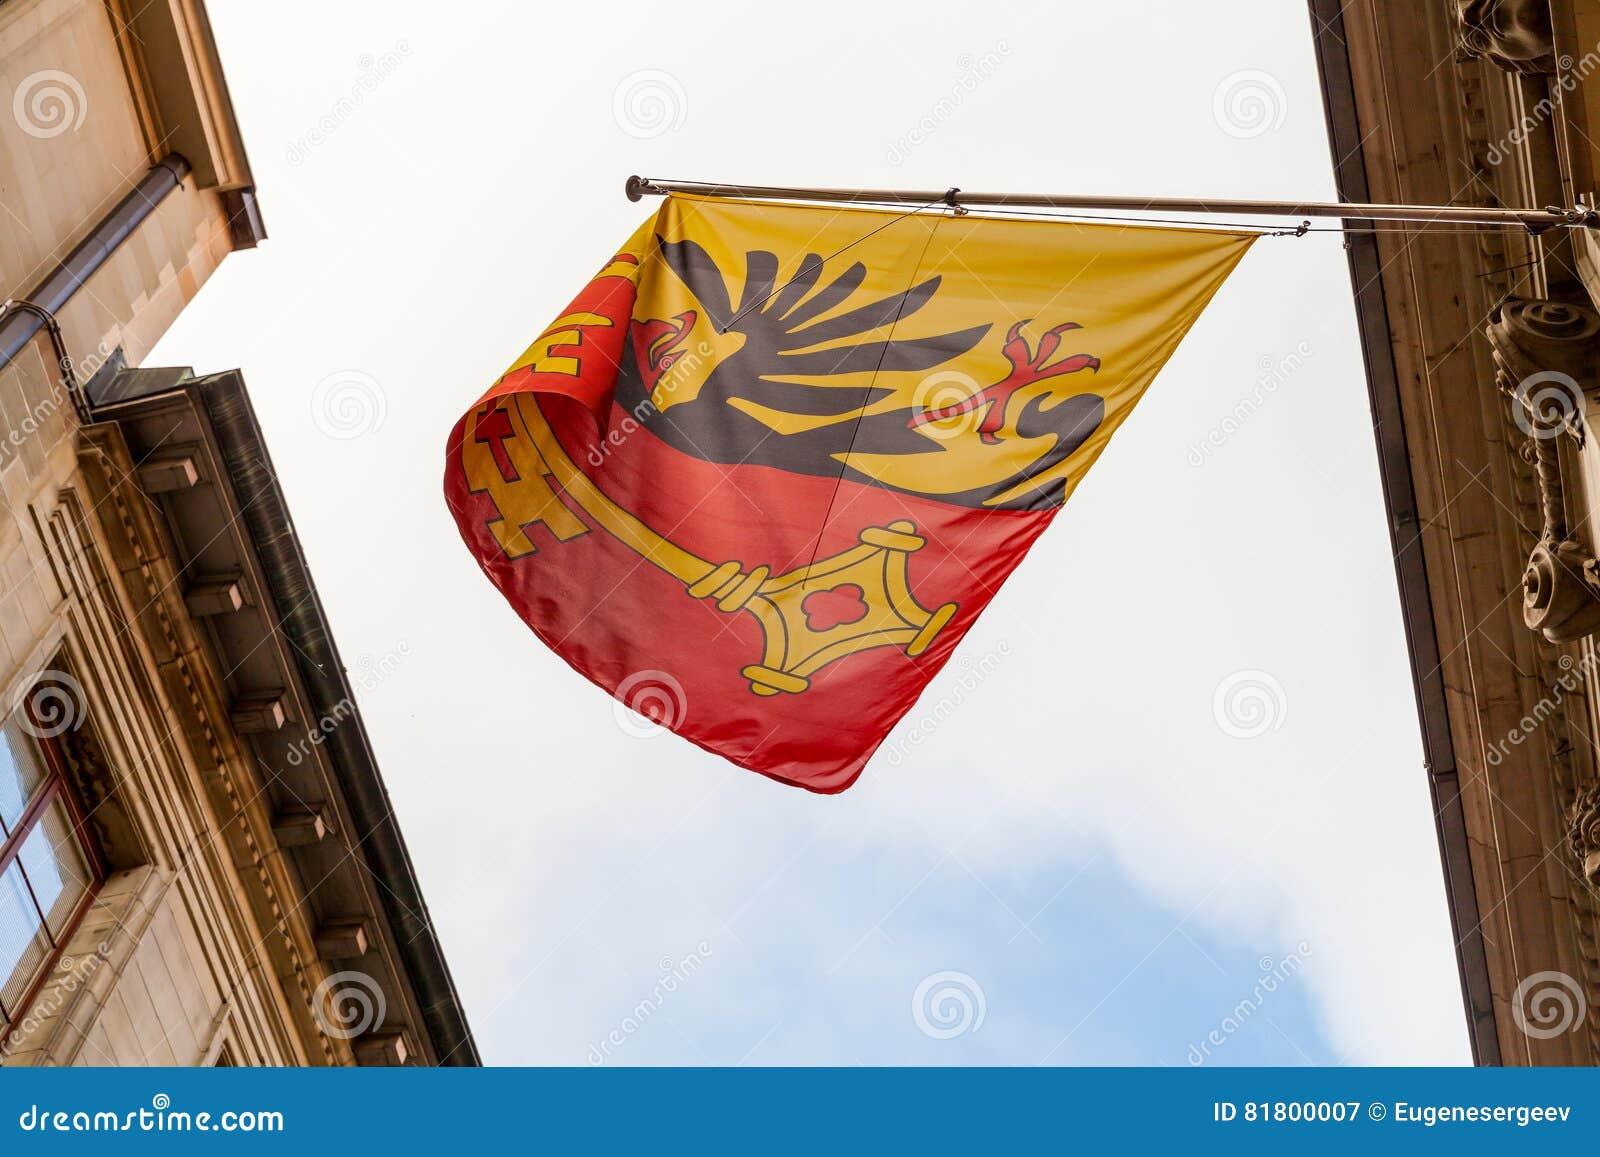 город geneva Швейцария Флаг с гербом